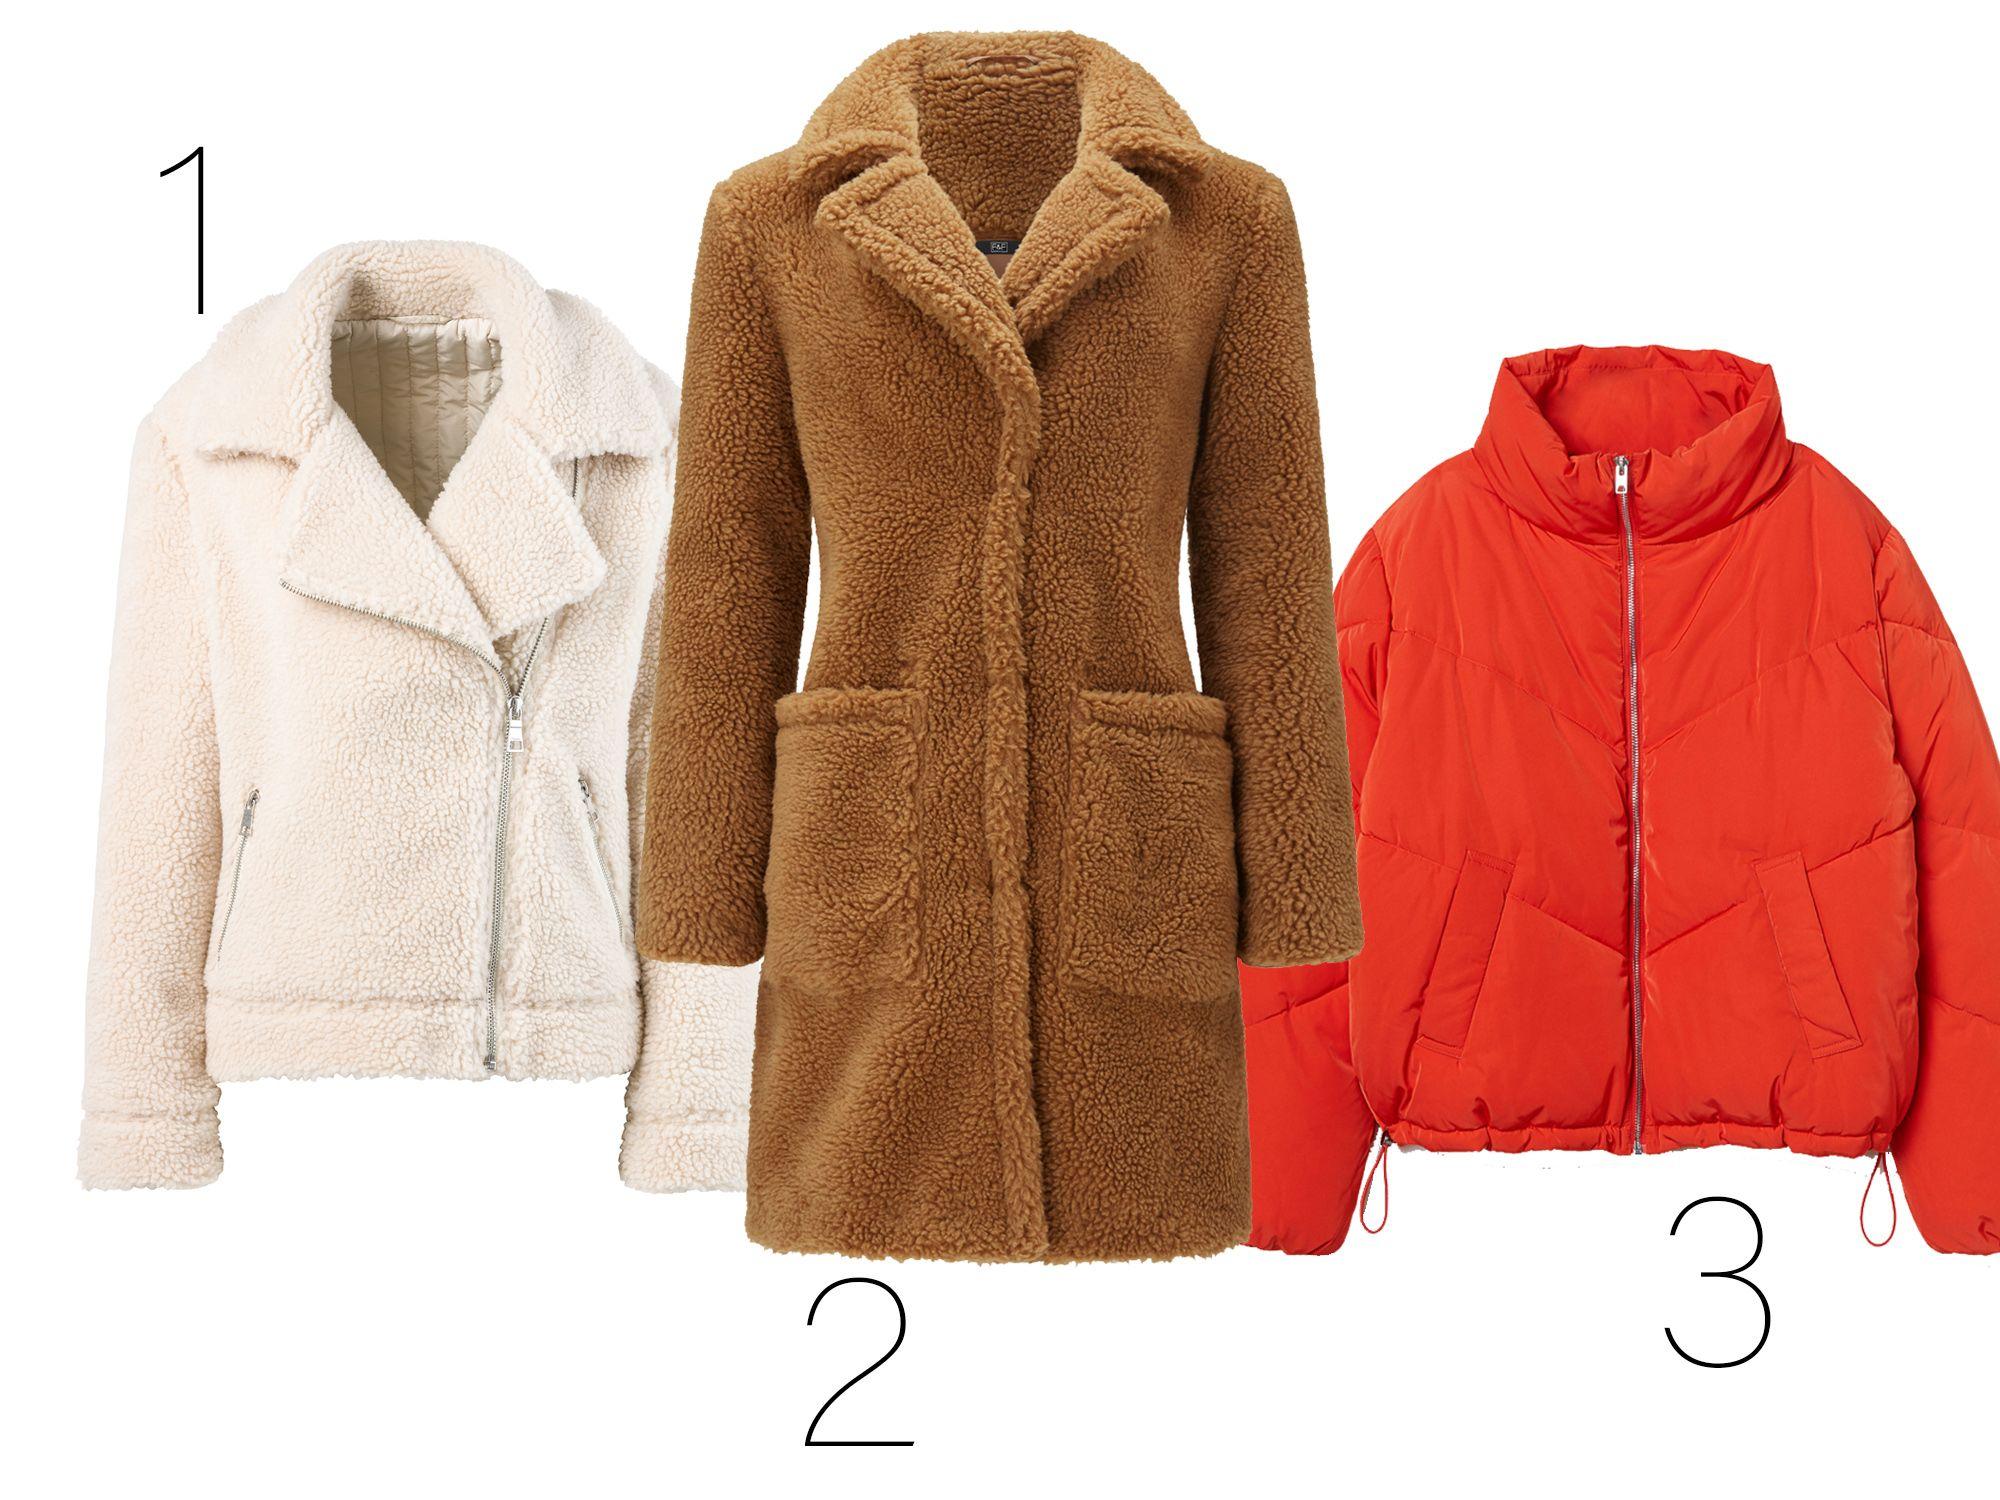 A teddy kabát az idei tél legnagyobb és legújabb kabáttrendje. Legyen  mindenki plüssmaci! – C A – 9990 Ft 5d4249069e